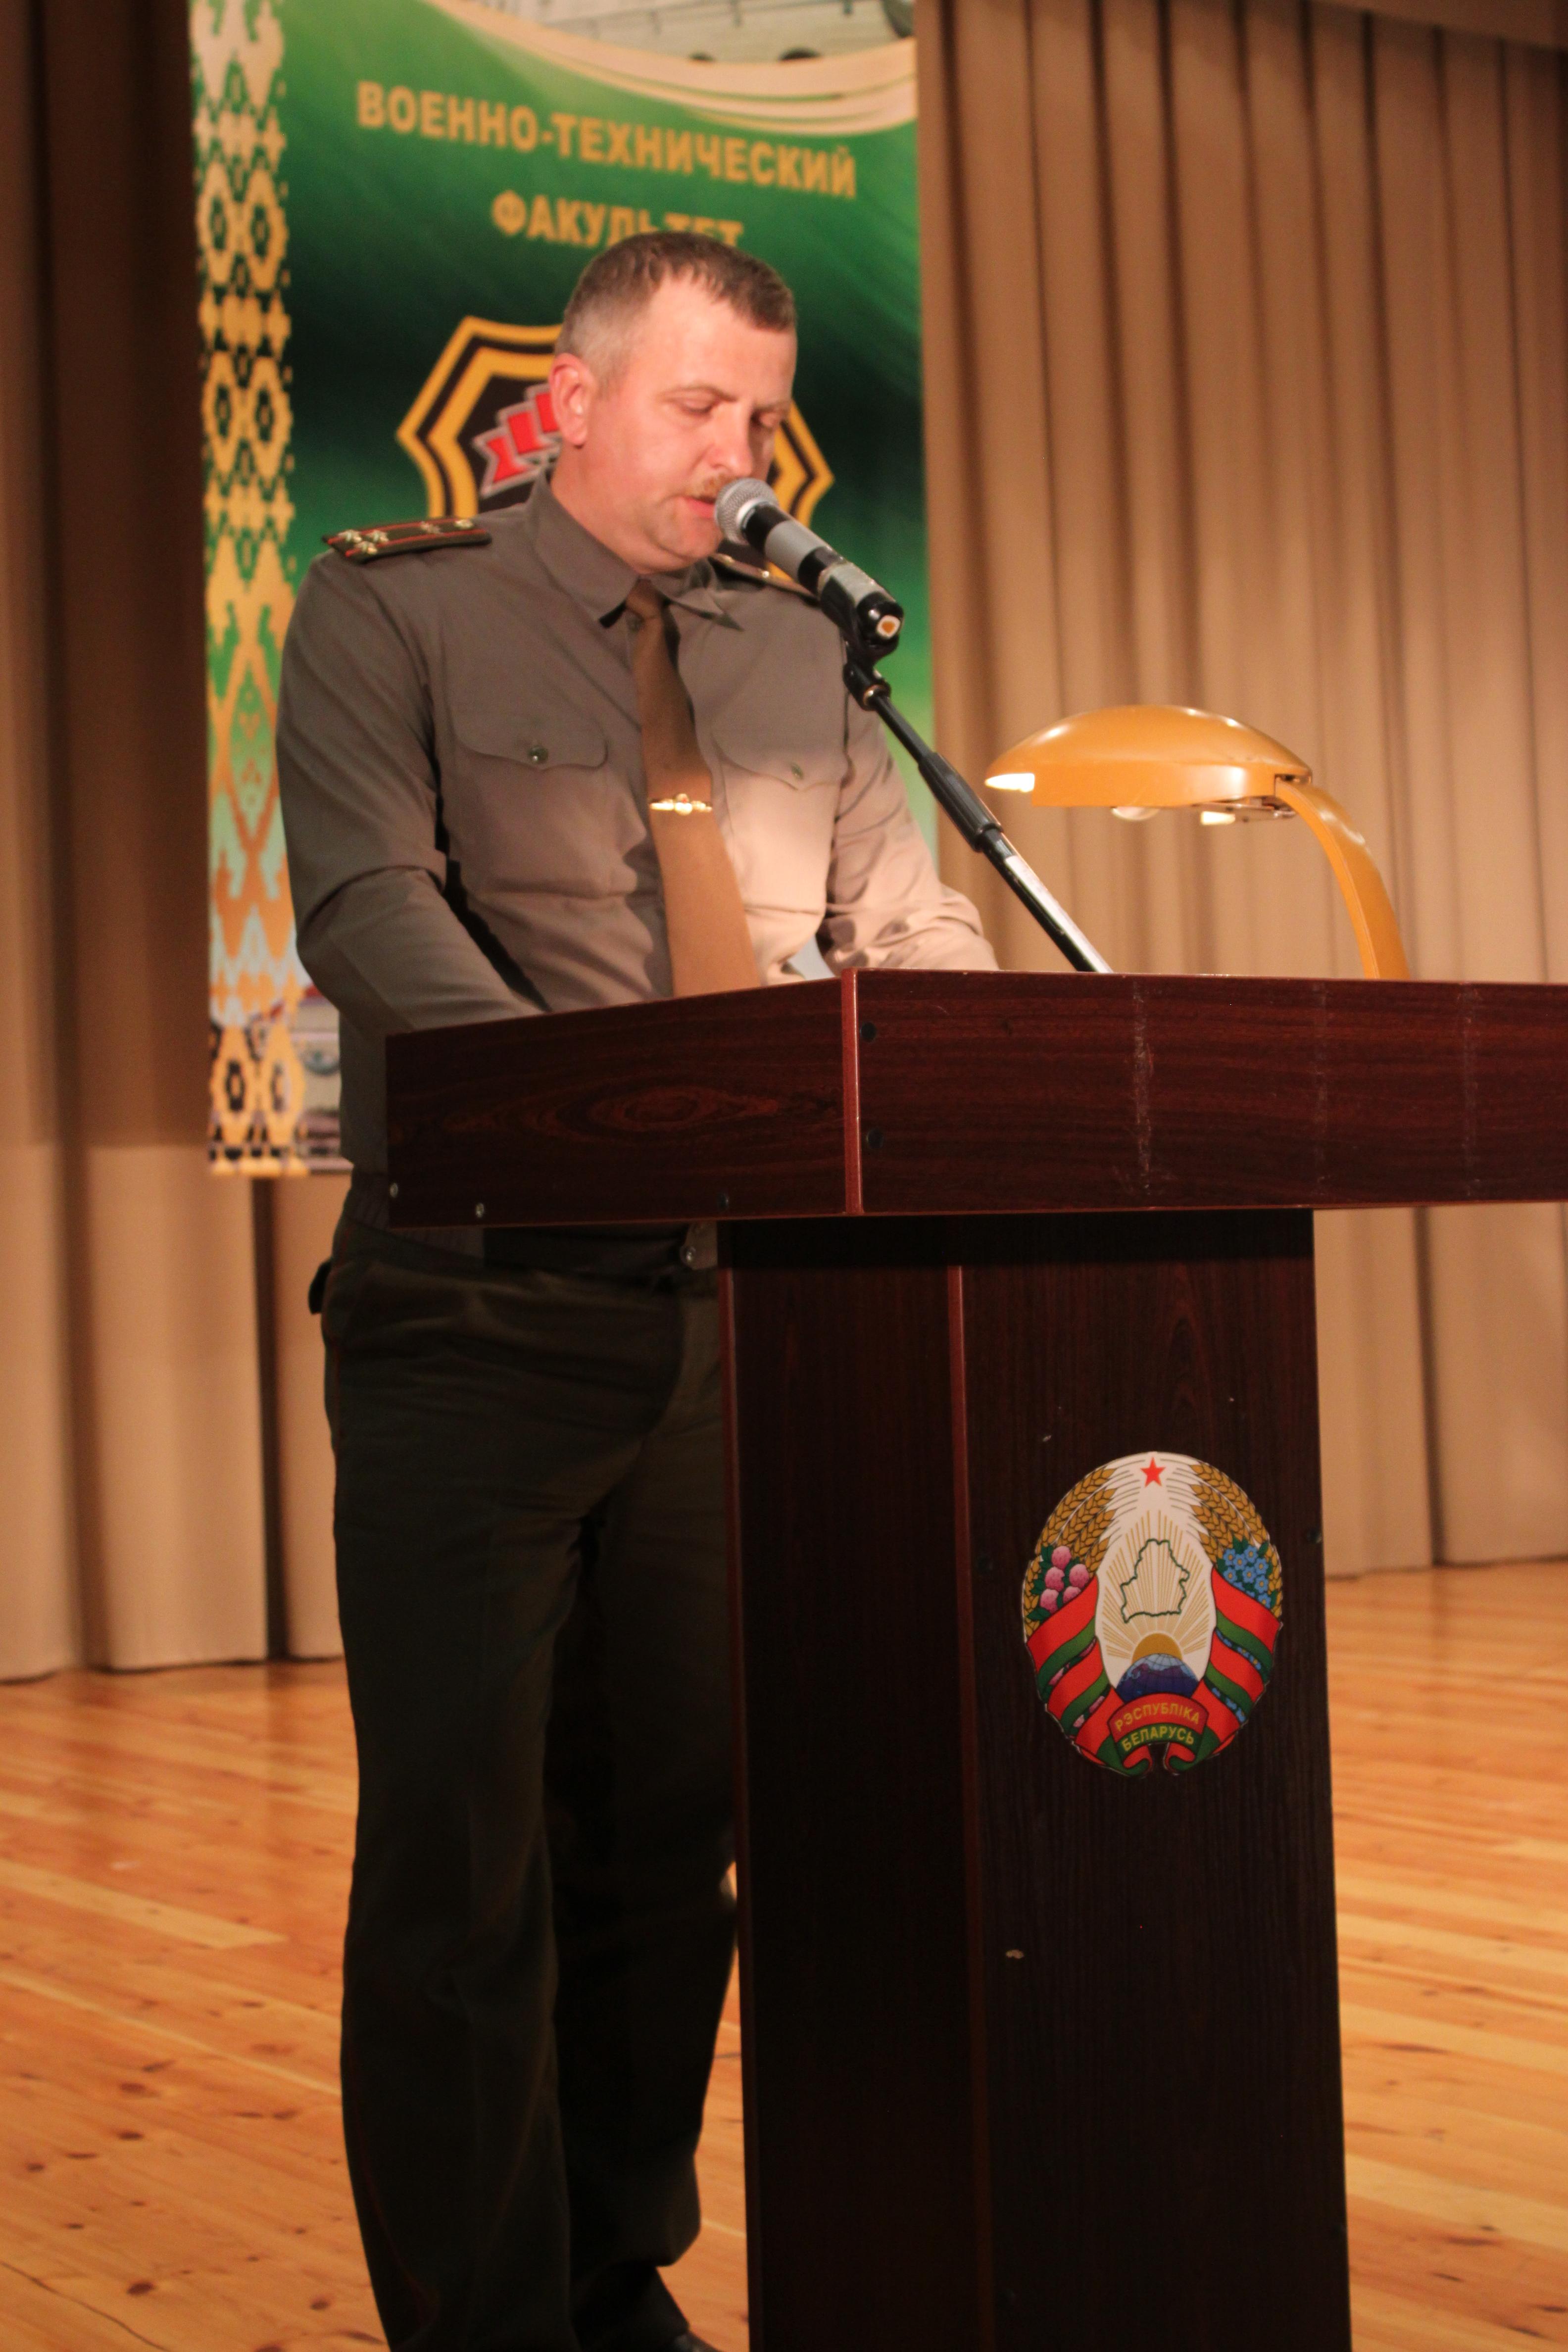 Первый заместитель НФ полковник Почебыт А.А. довел праздничный приказ